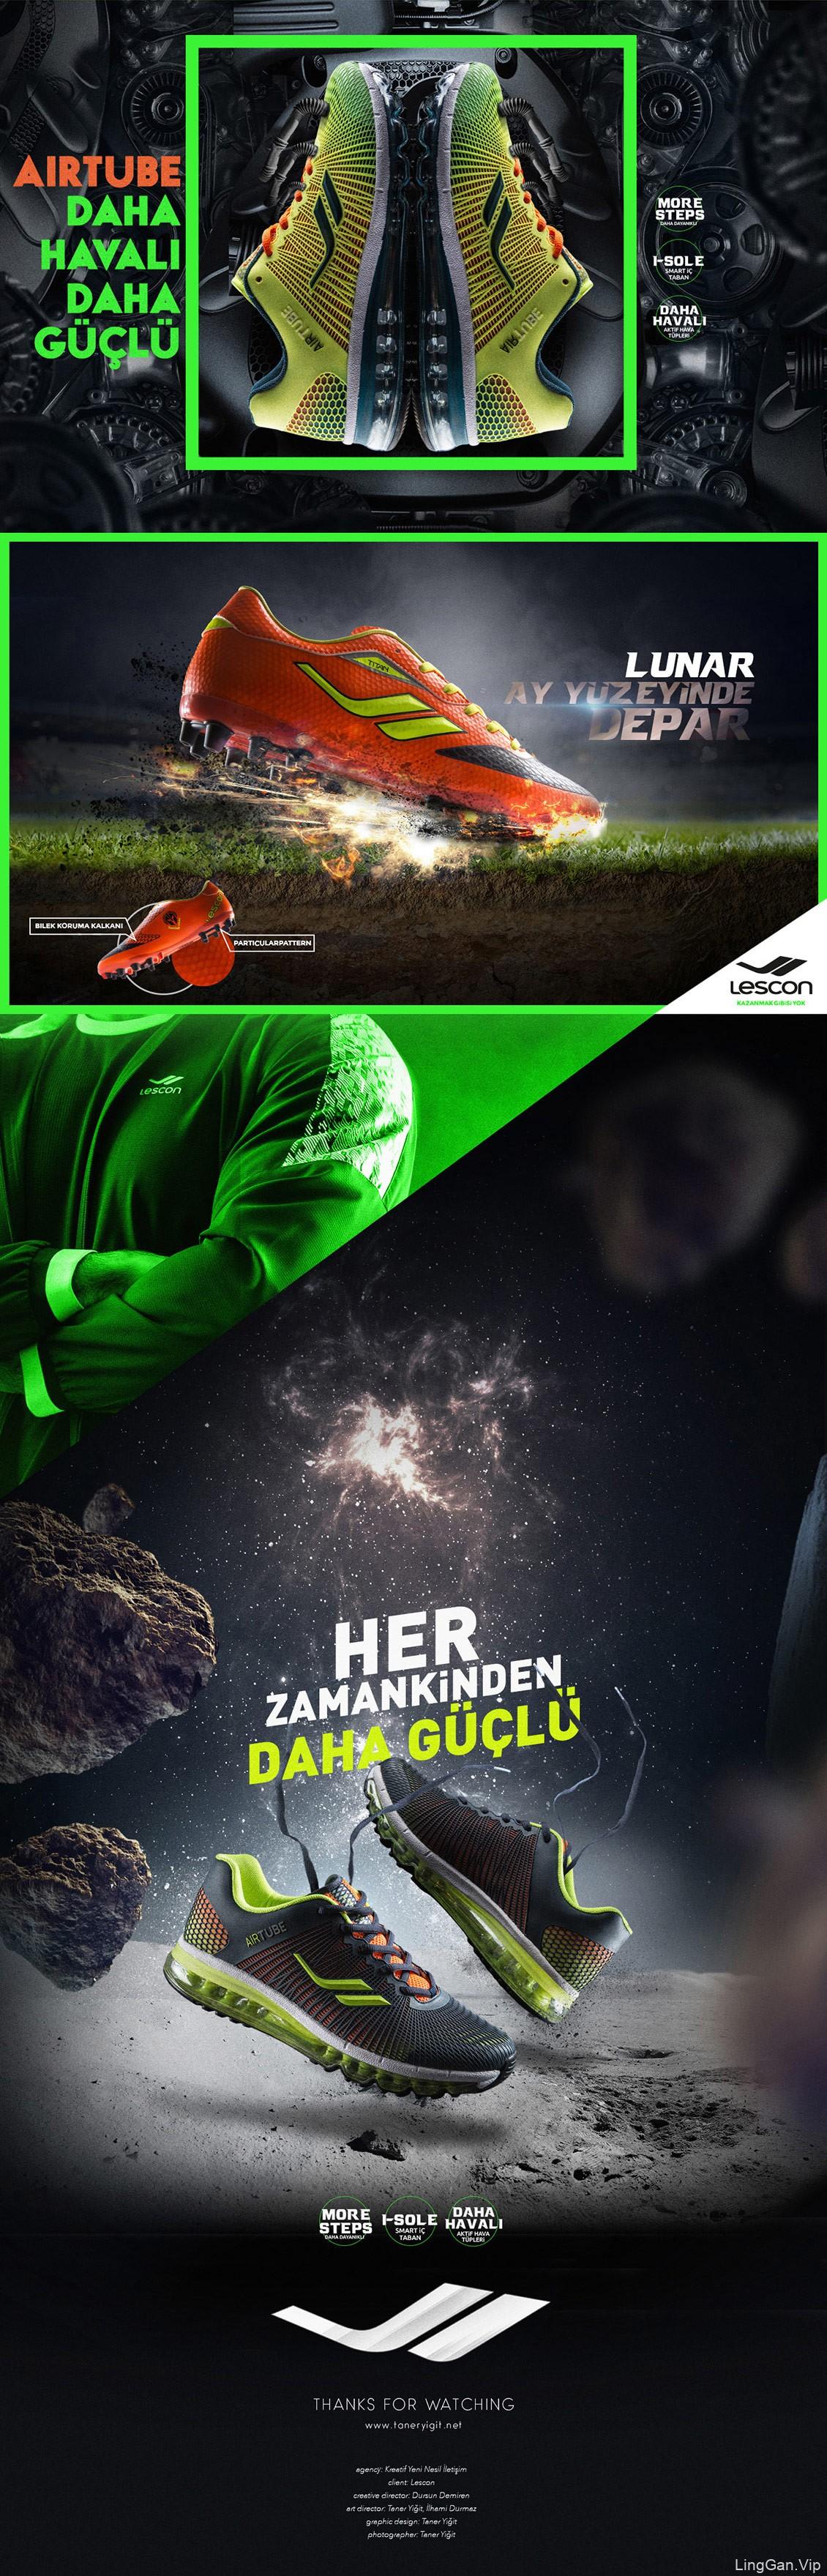 运动鞋广告设计及摄影作品